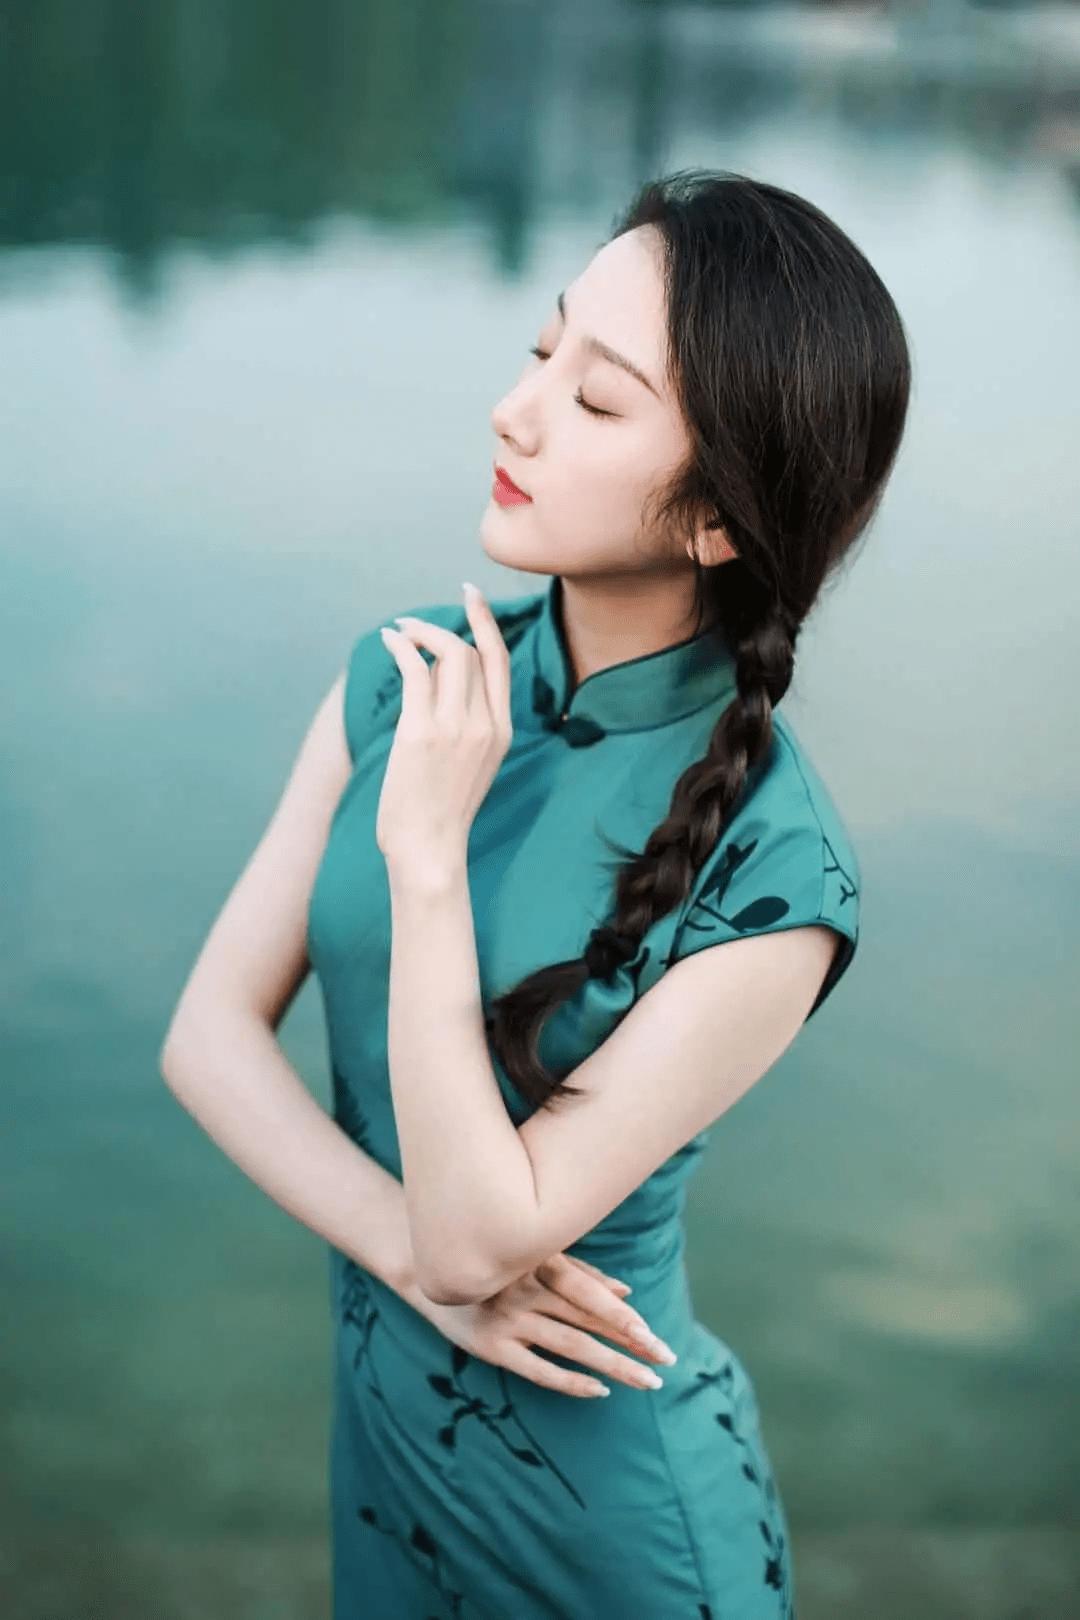 中年女人如何拍出知性美 7个姿势要领会,拍出自然气质图片